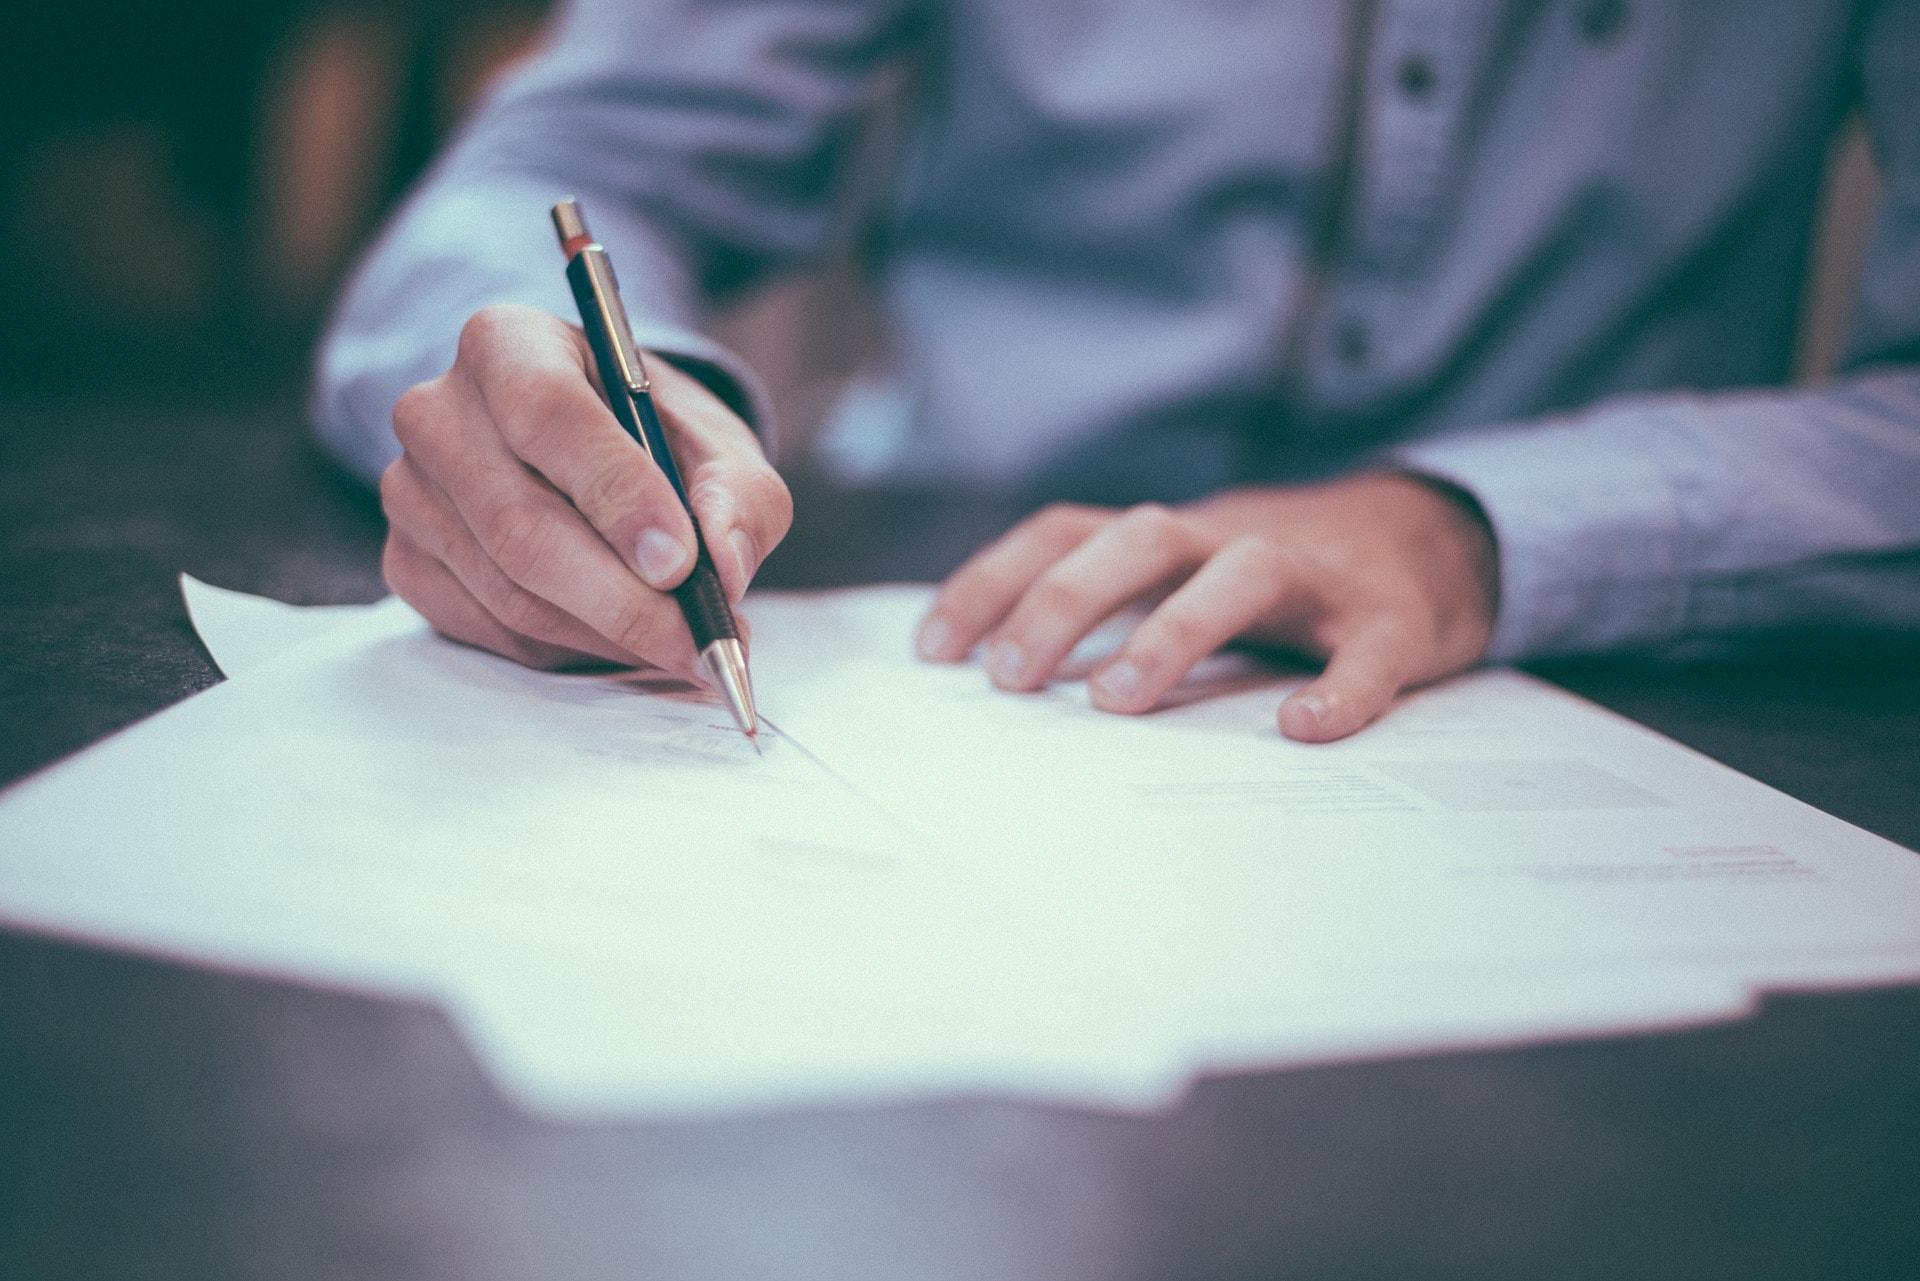 Ein Mann in einem hellblauen Hemd unterschreibt ein Blatt Papier mit einem Kugelschreiber.